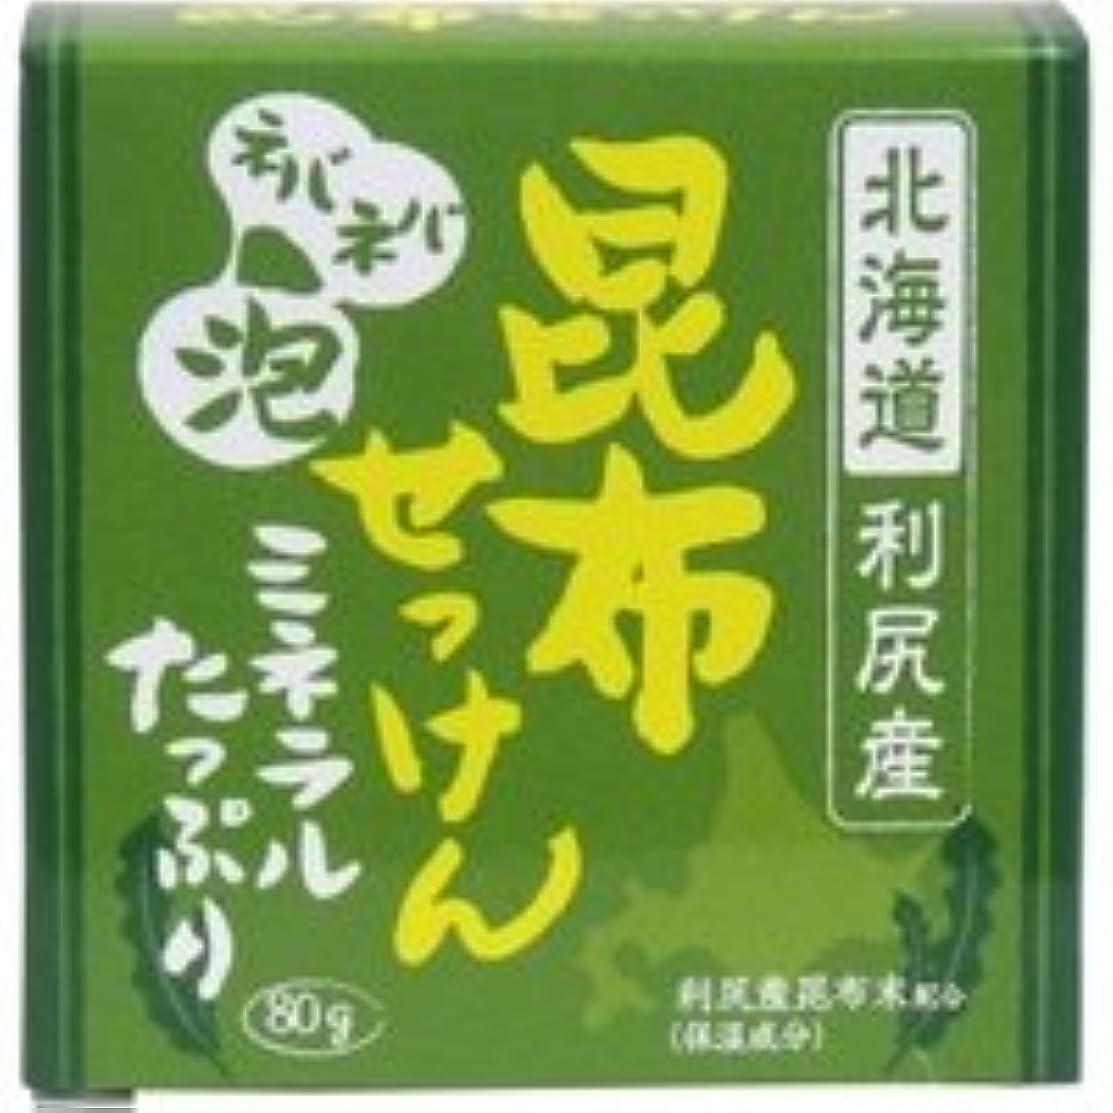 肉ランク口述する昆布せっけん80g(北海道利尻産)